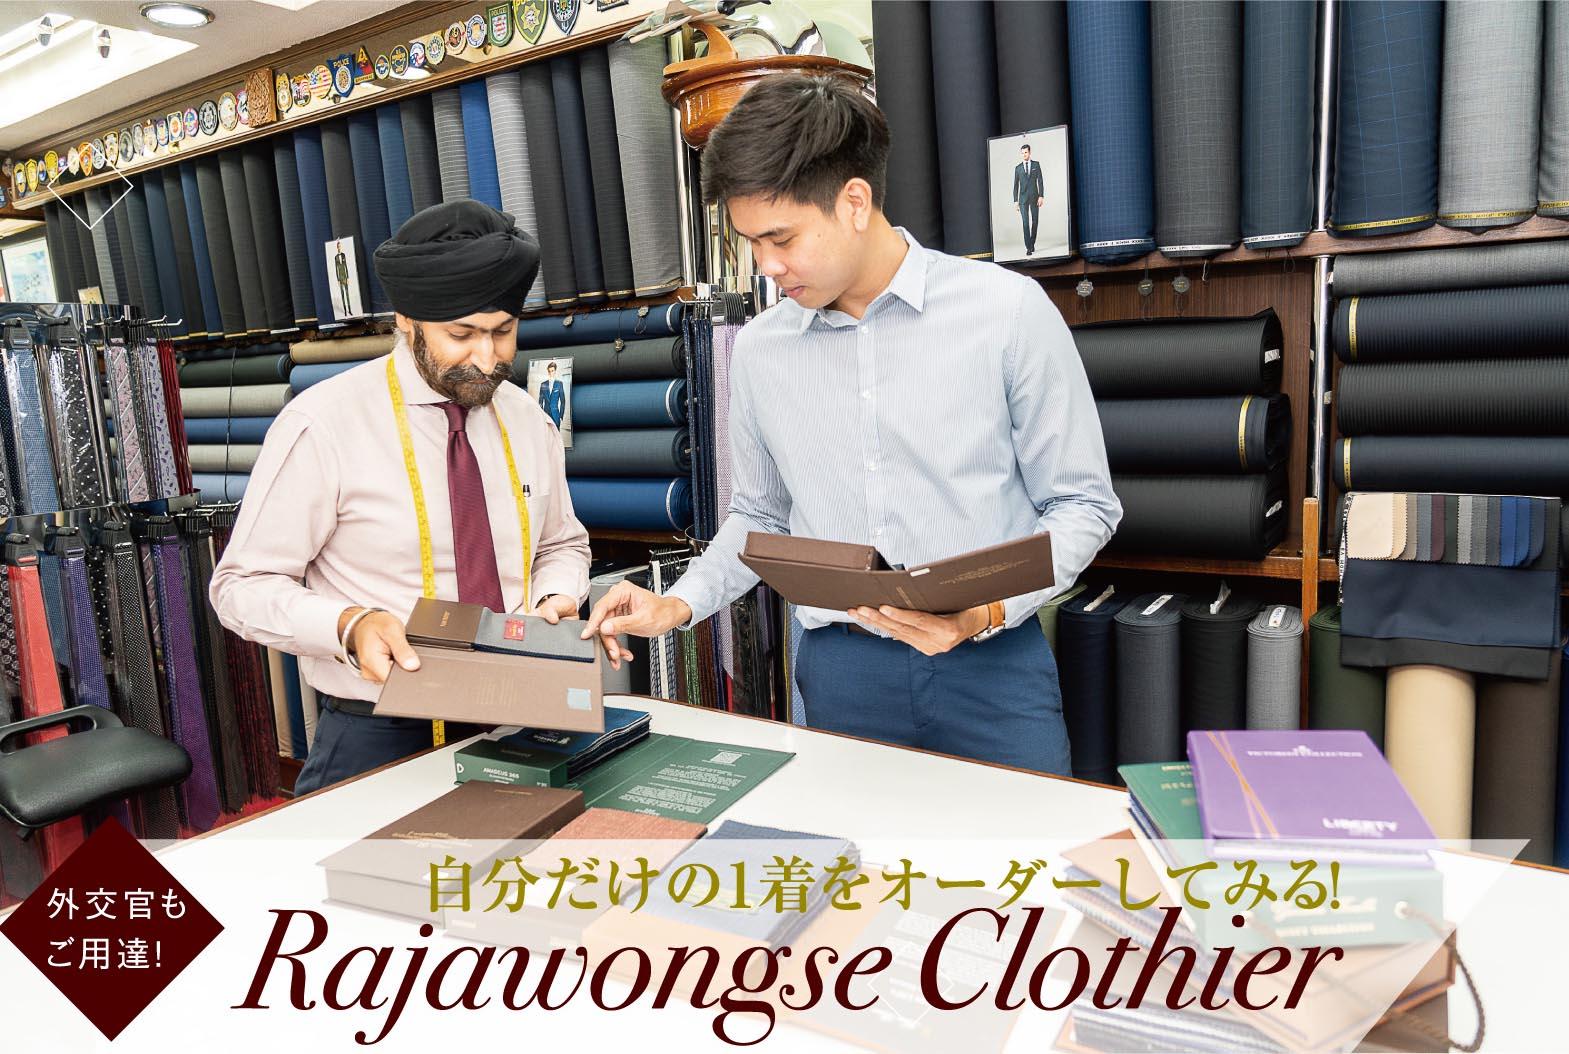 Rajawongse Clothierって? - ワイズデジタル【タイで生活する人のための情報サイト】